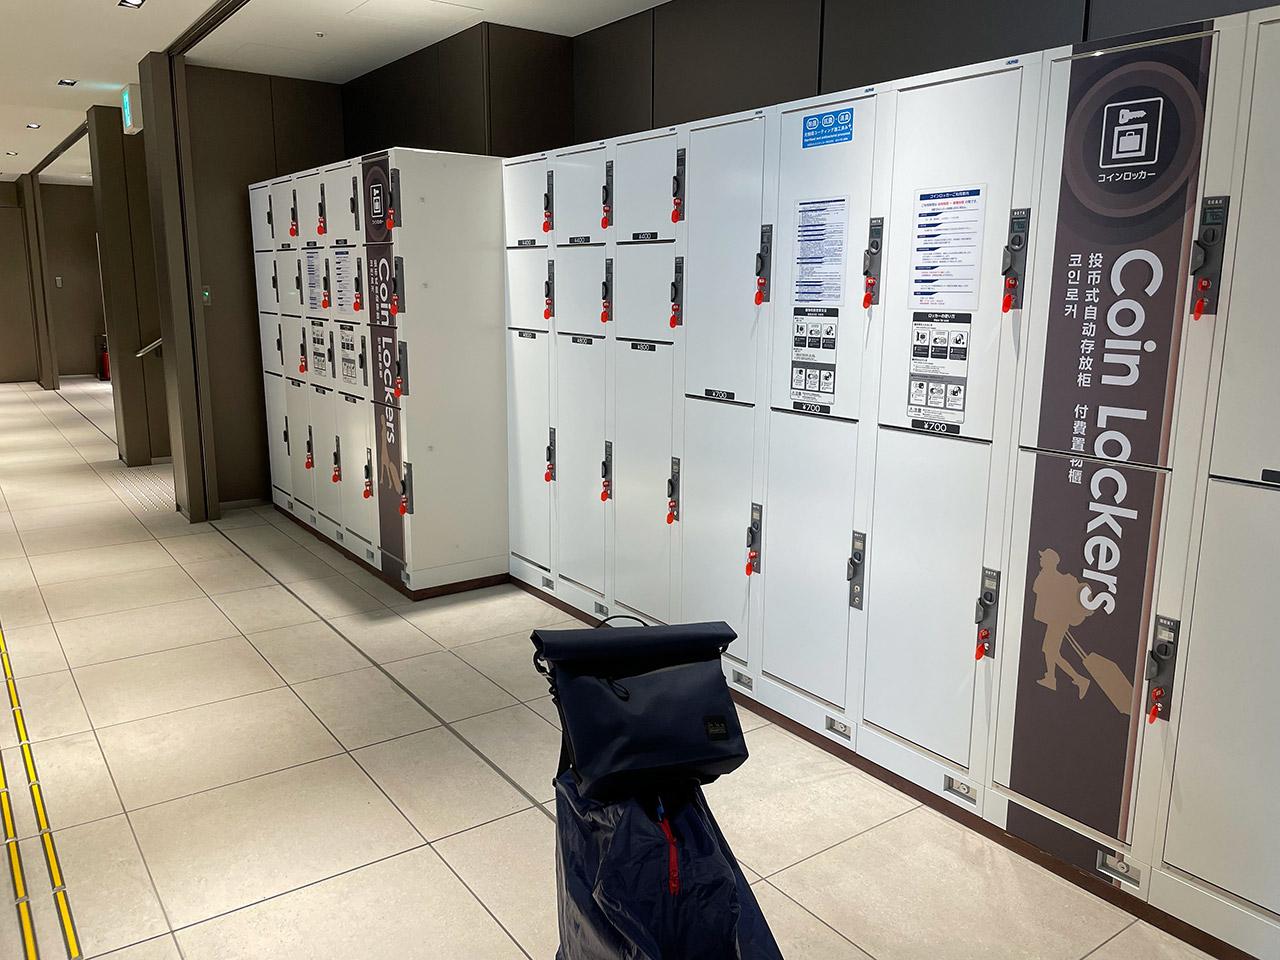 阪急神戸三宮駅 コインロッカー